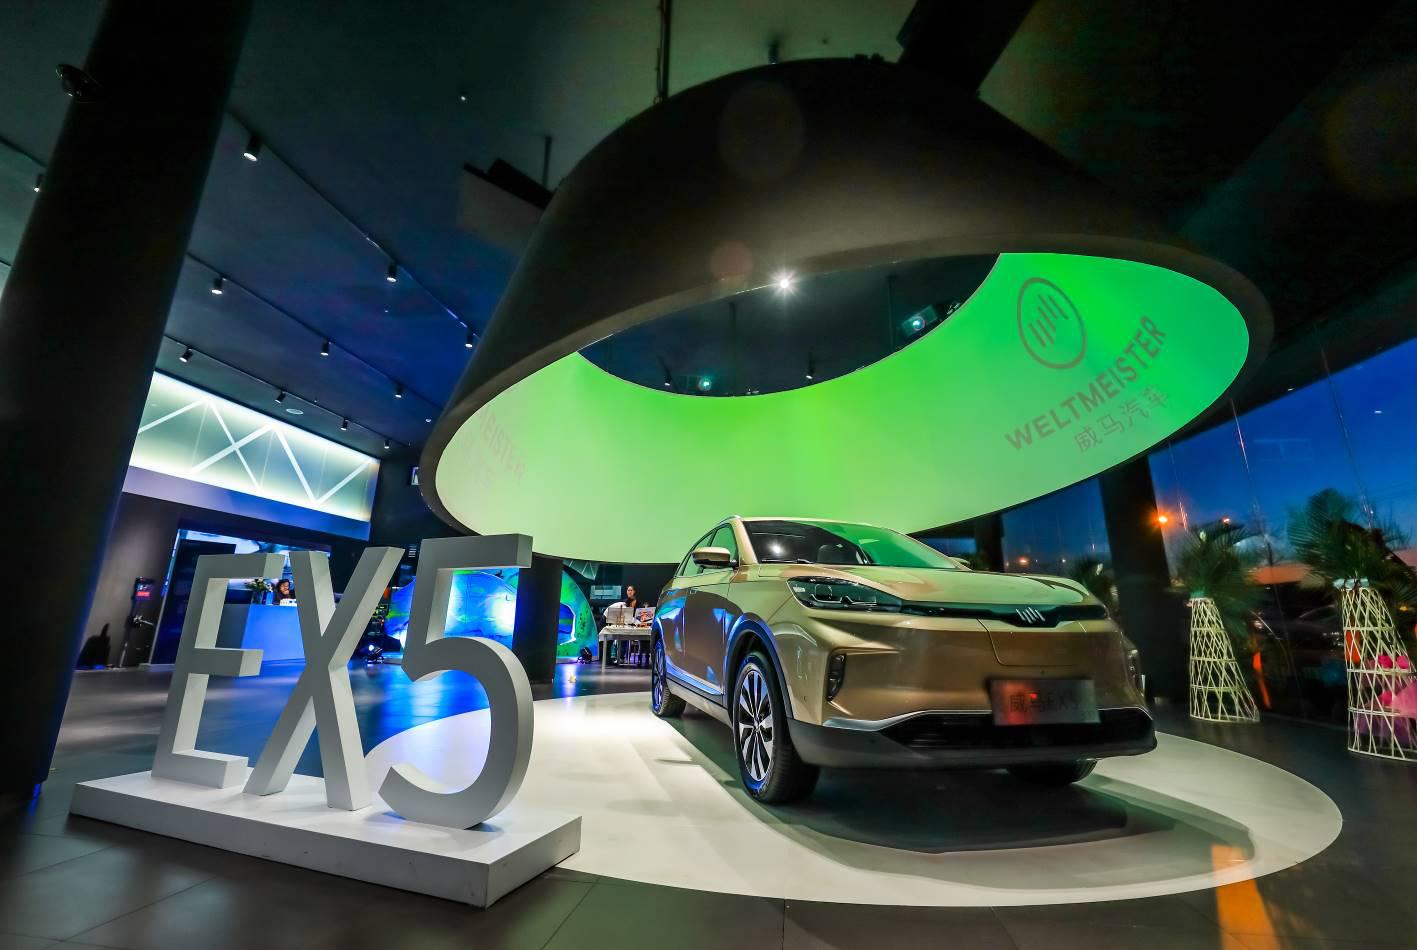 威马汽车再获30亿元融资 加速迈向数据驱动的智能硬件公司